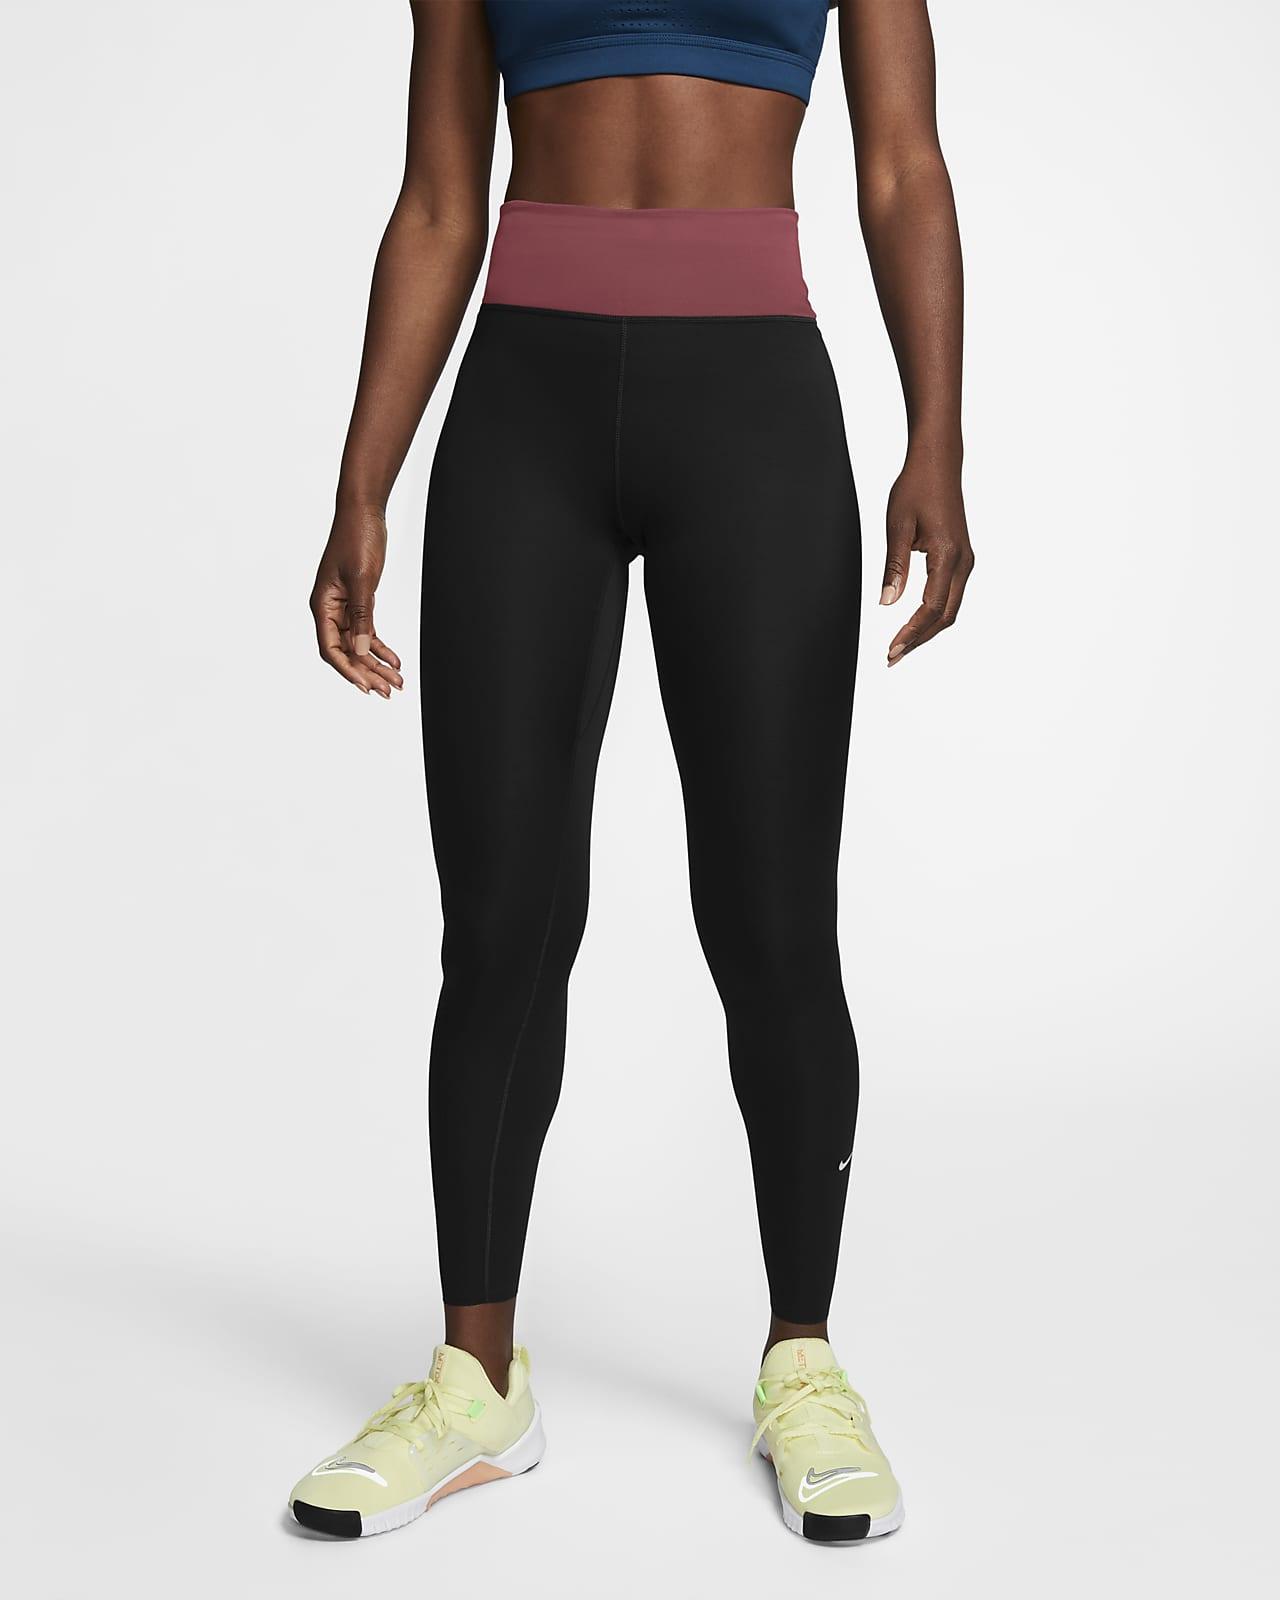 Leggings Nike One Luxe med mellanhög midja för kvinnor